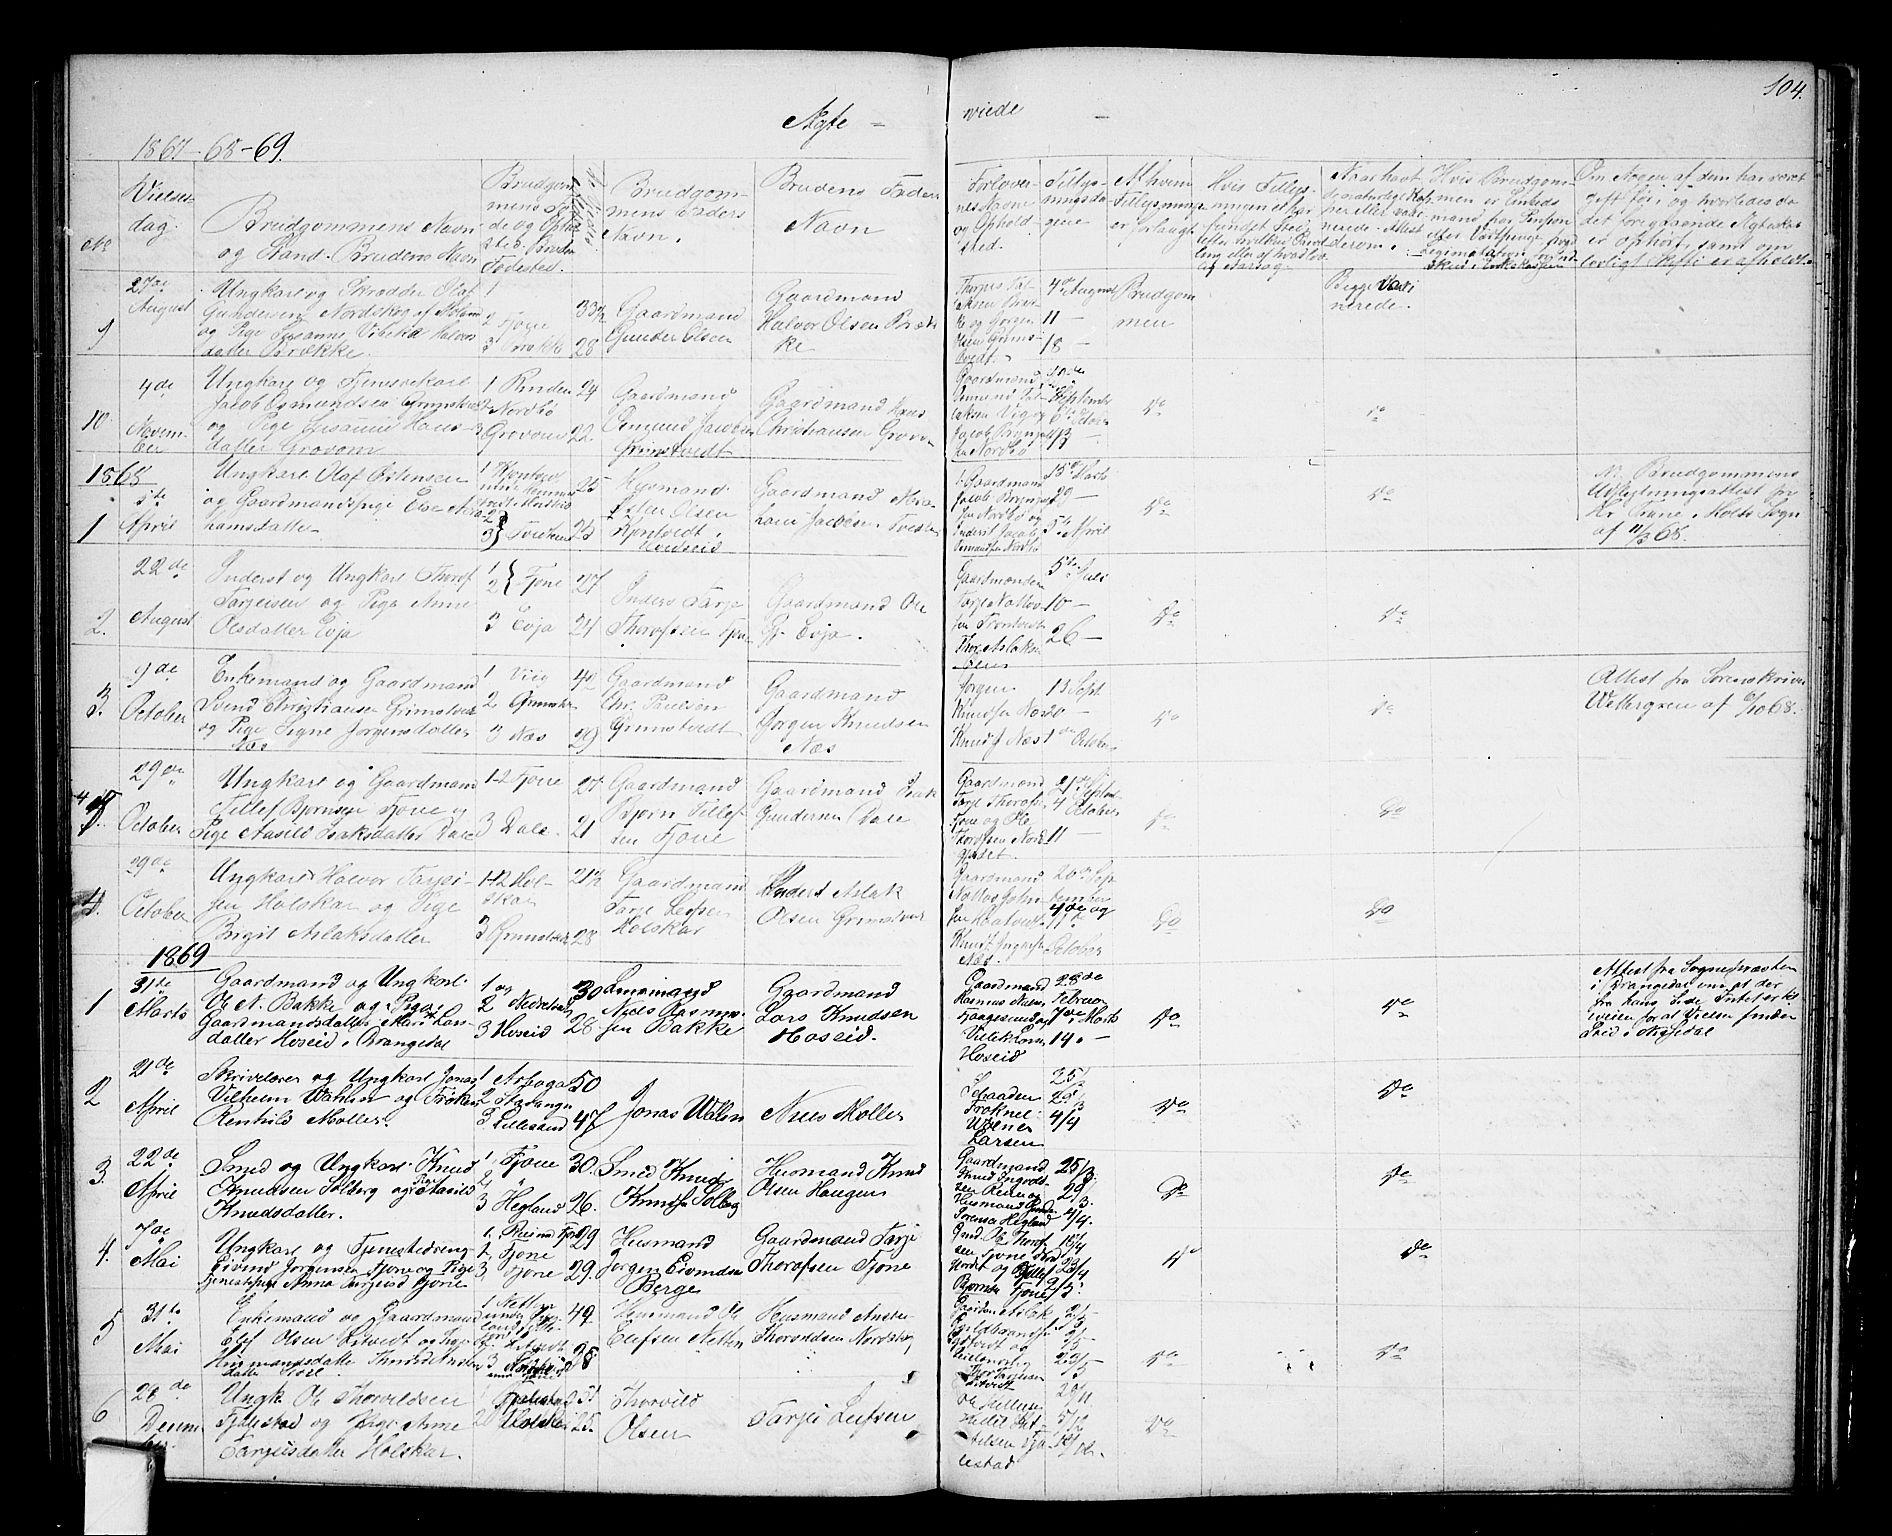 SAKO, Nissedal kirkebøker, G/Ga/L0002: Klokkerbok nr. I 2, 1861-1887, s. 104